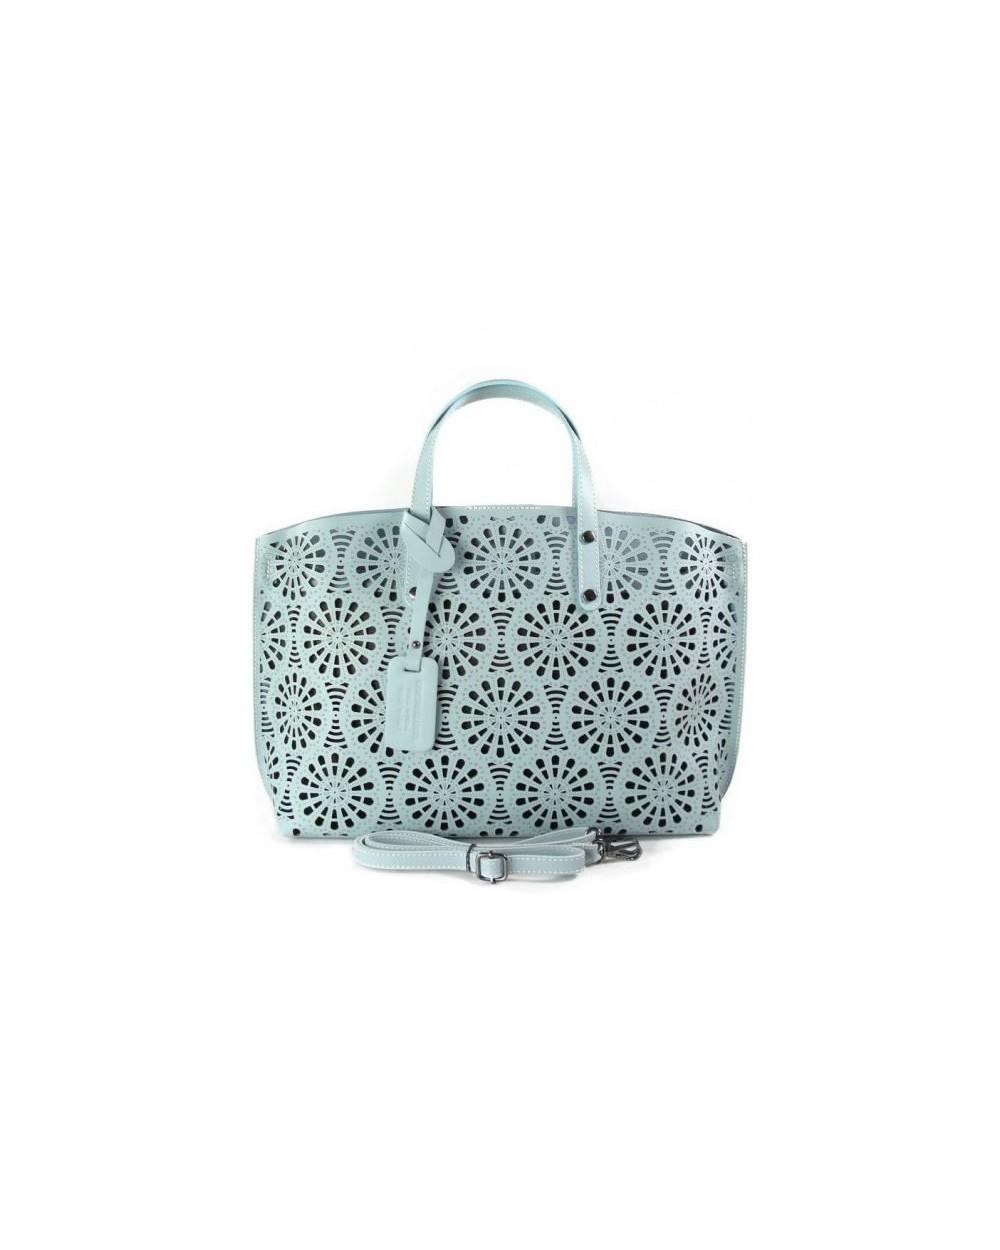 037c9ffa9865d Włoska torebka vera pelle z ażurowej skóry błękitna - Sklep ...